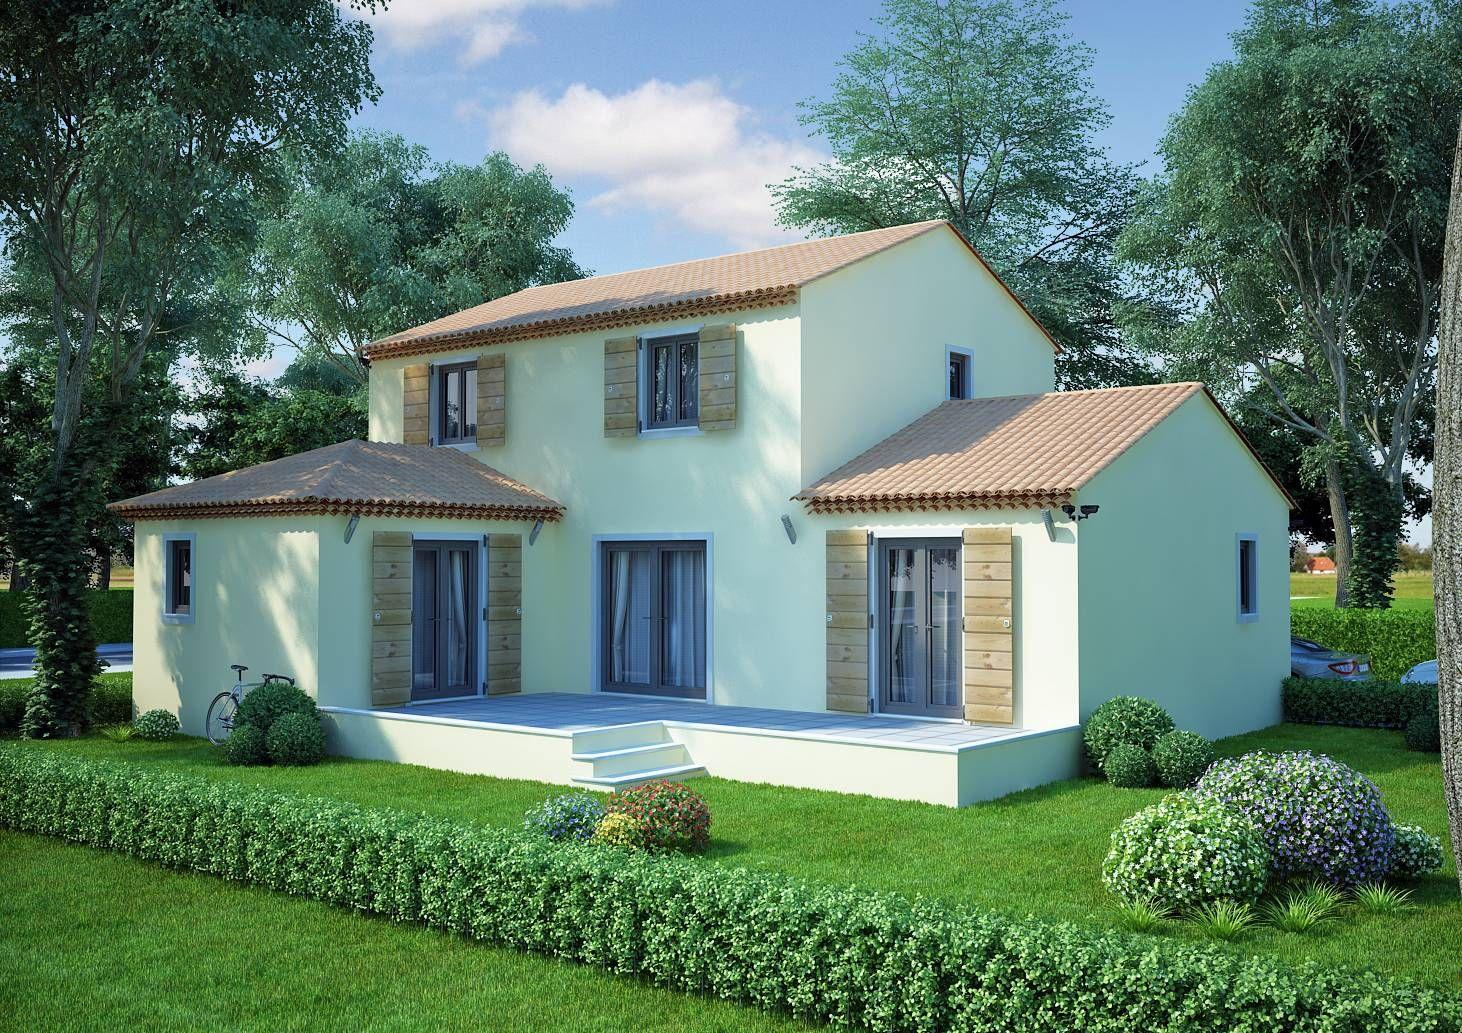 villa dite en l tage de 130m au rdc entr e avec porche donnant sur un grand s jour salon. Black Bedroom Furniture Sets. Home Design Ideas